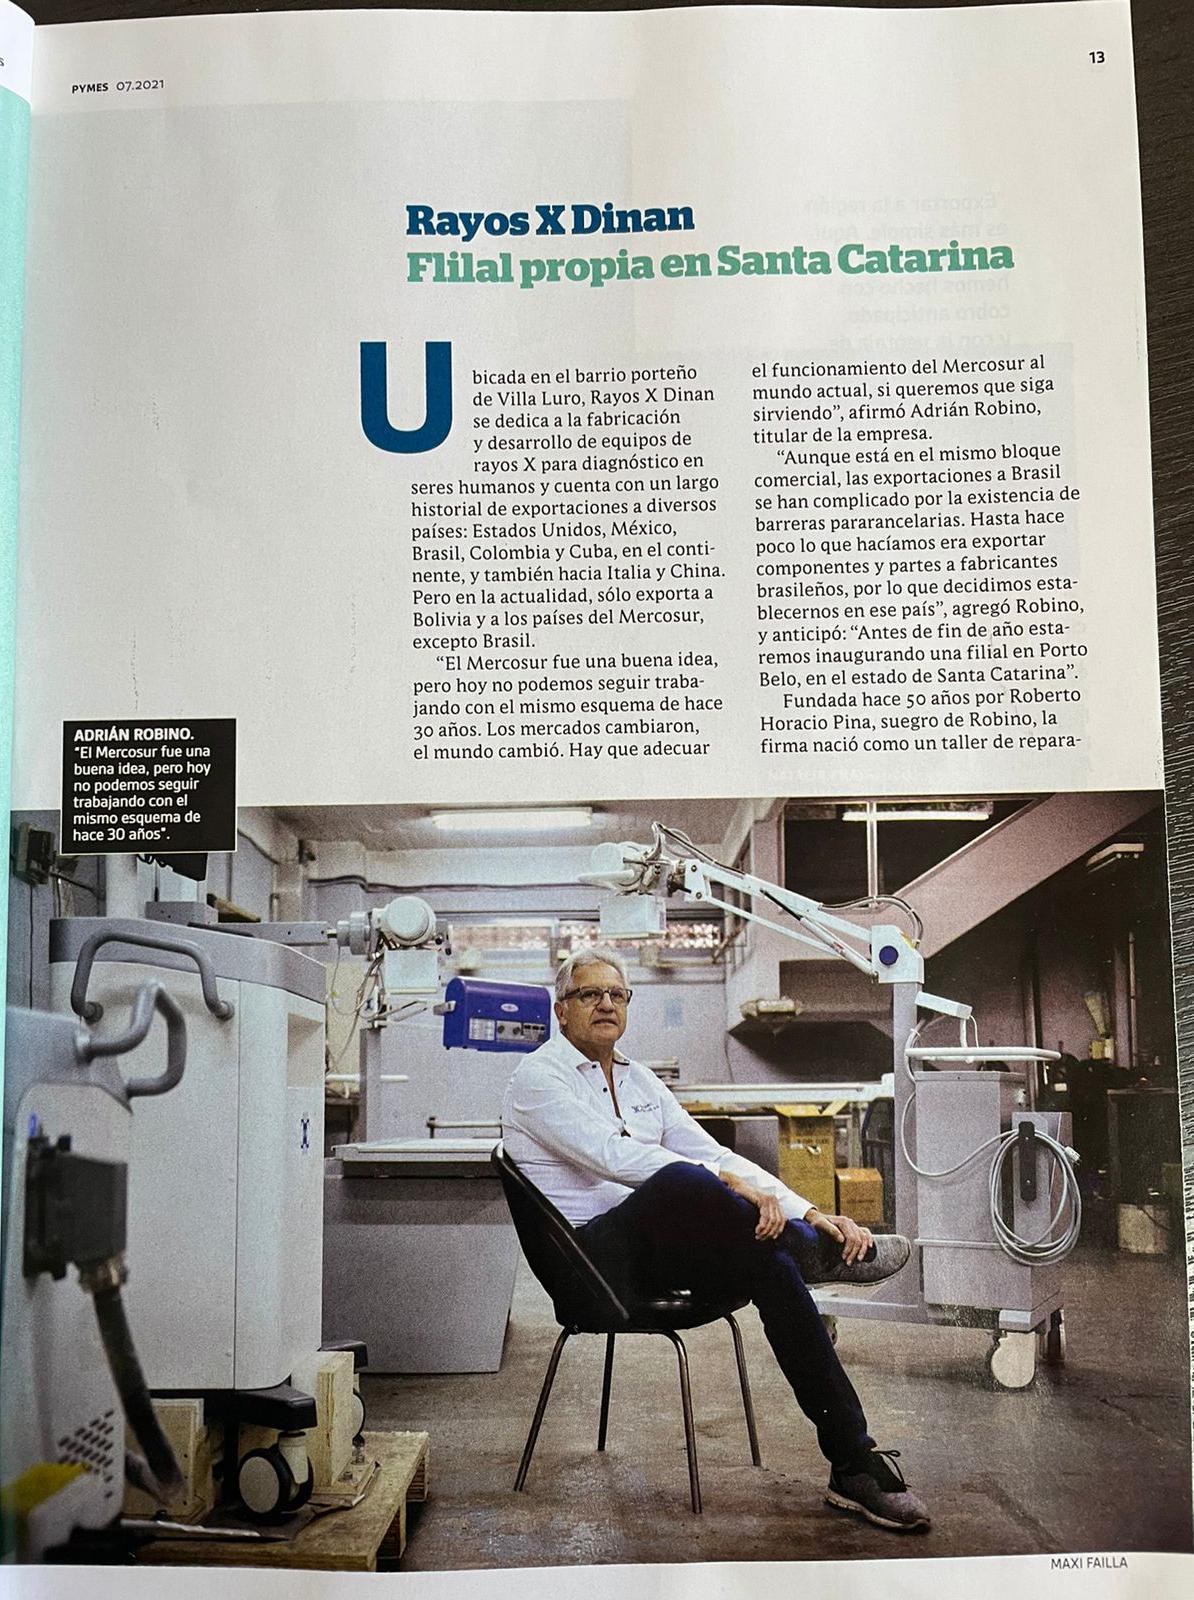 Rayos X Dinan. Apertura de una nueva planta en Brasil.